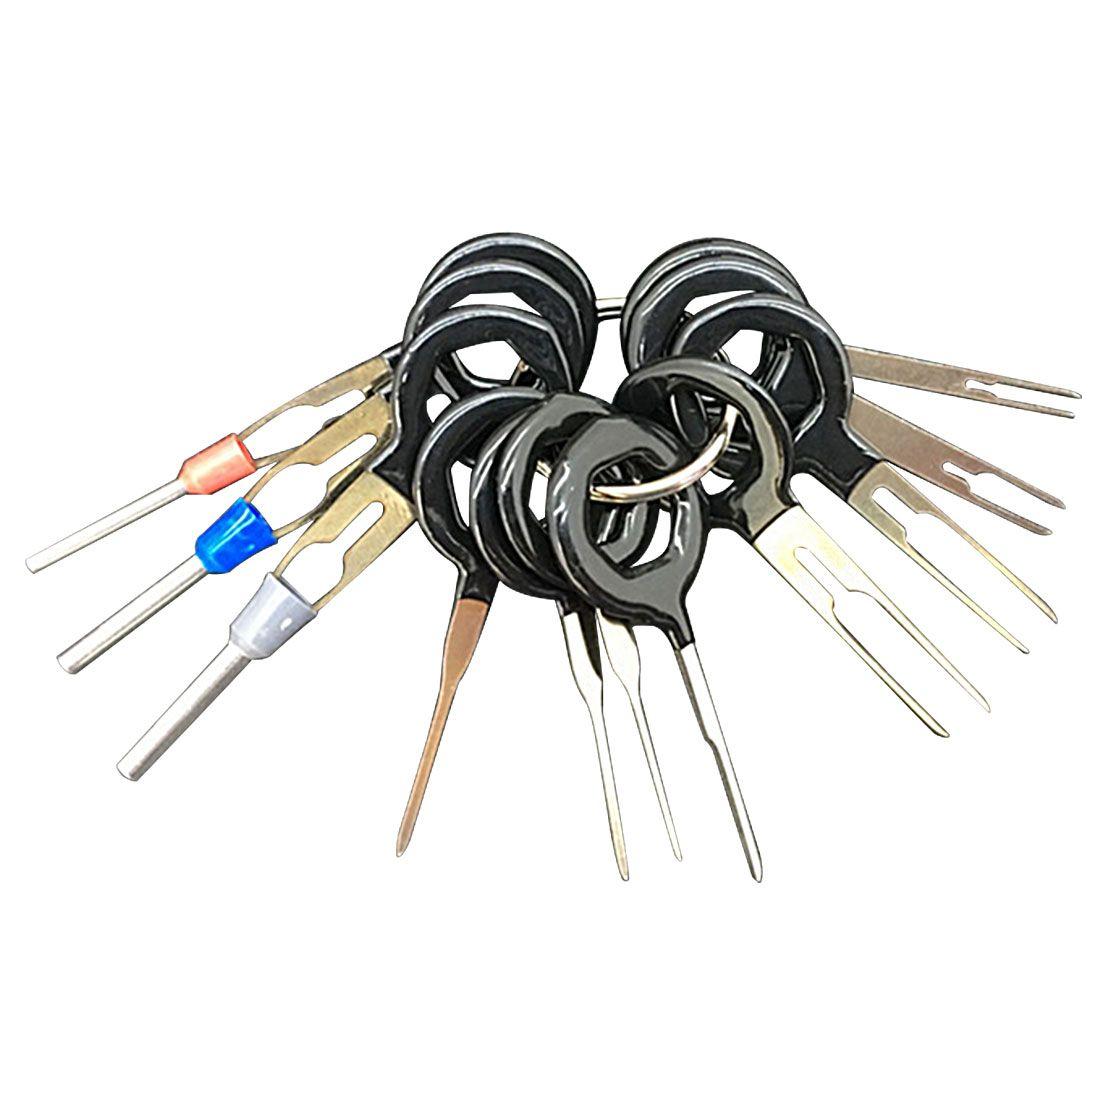 NEUE 11 Teile/satz Terminal Entfernung Tools Auto Elektrische ...